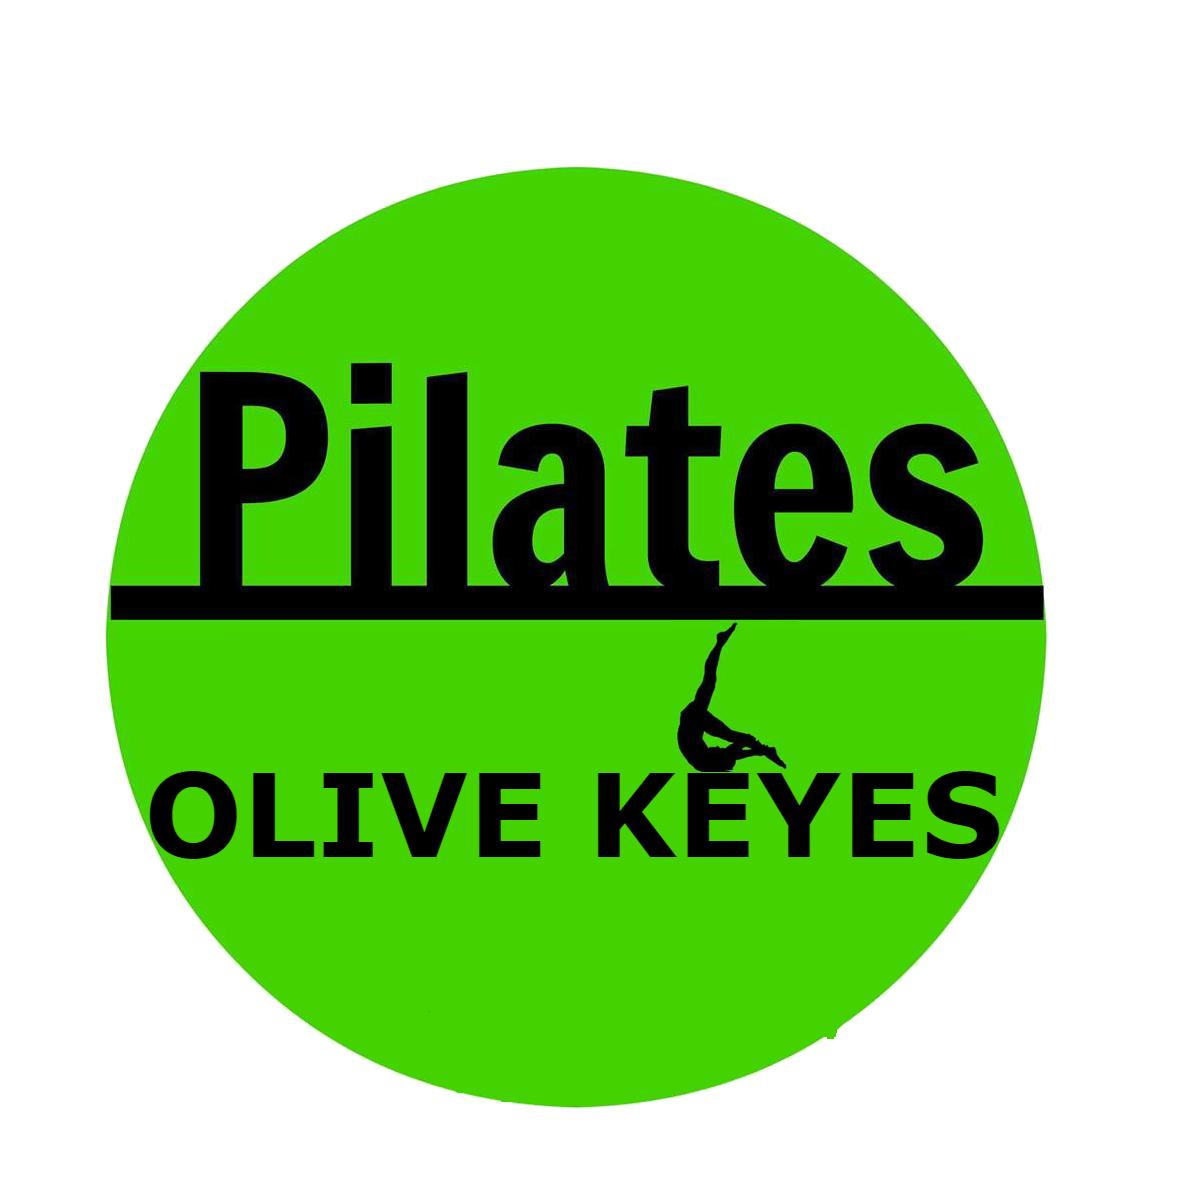 Pilates Olive Keyes